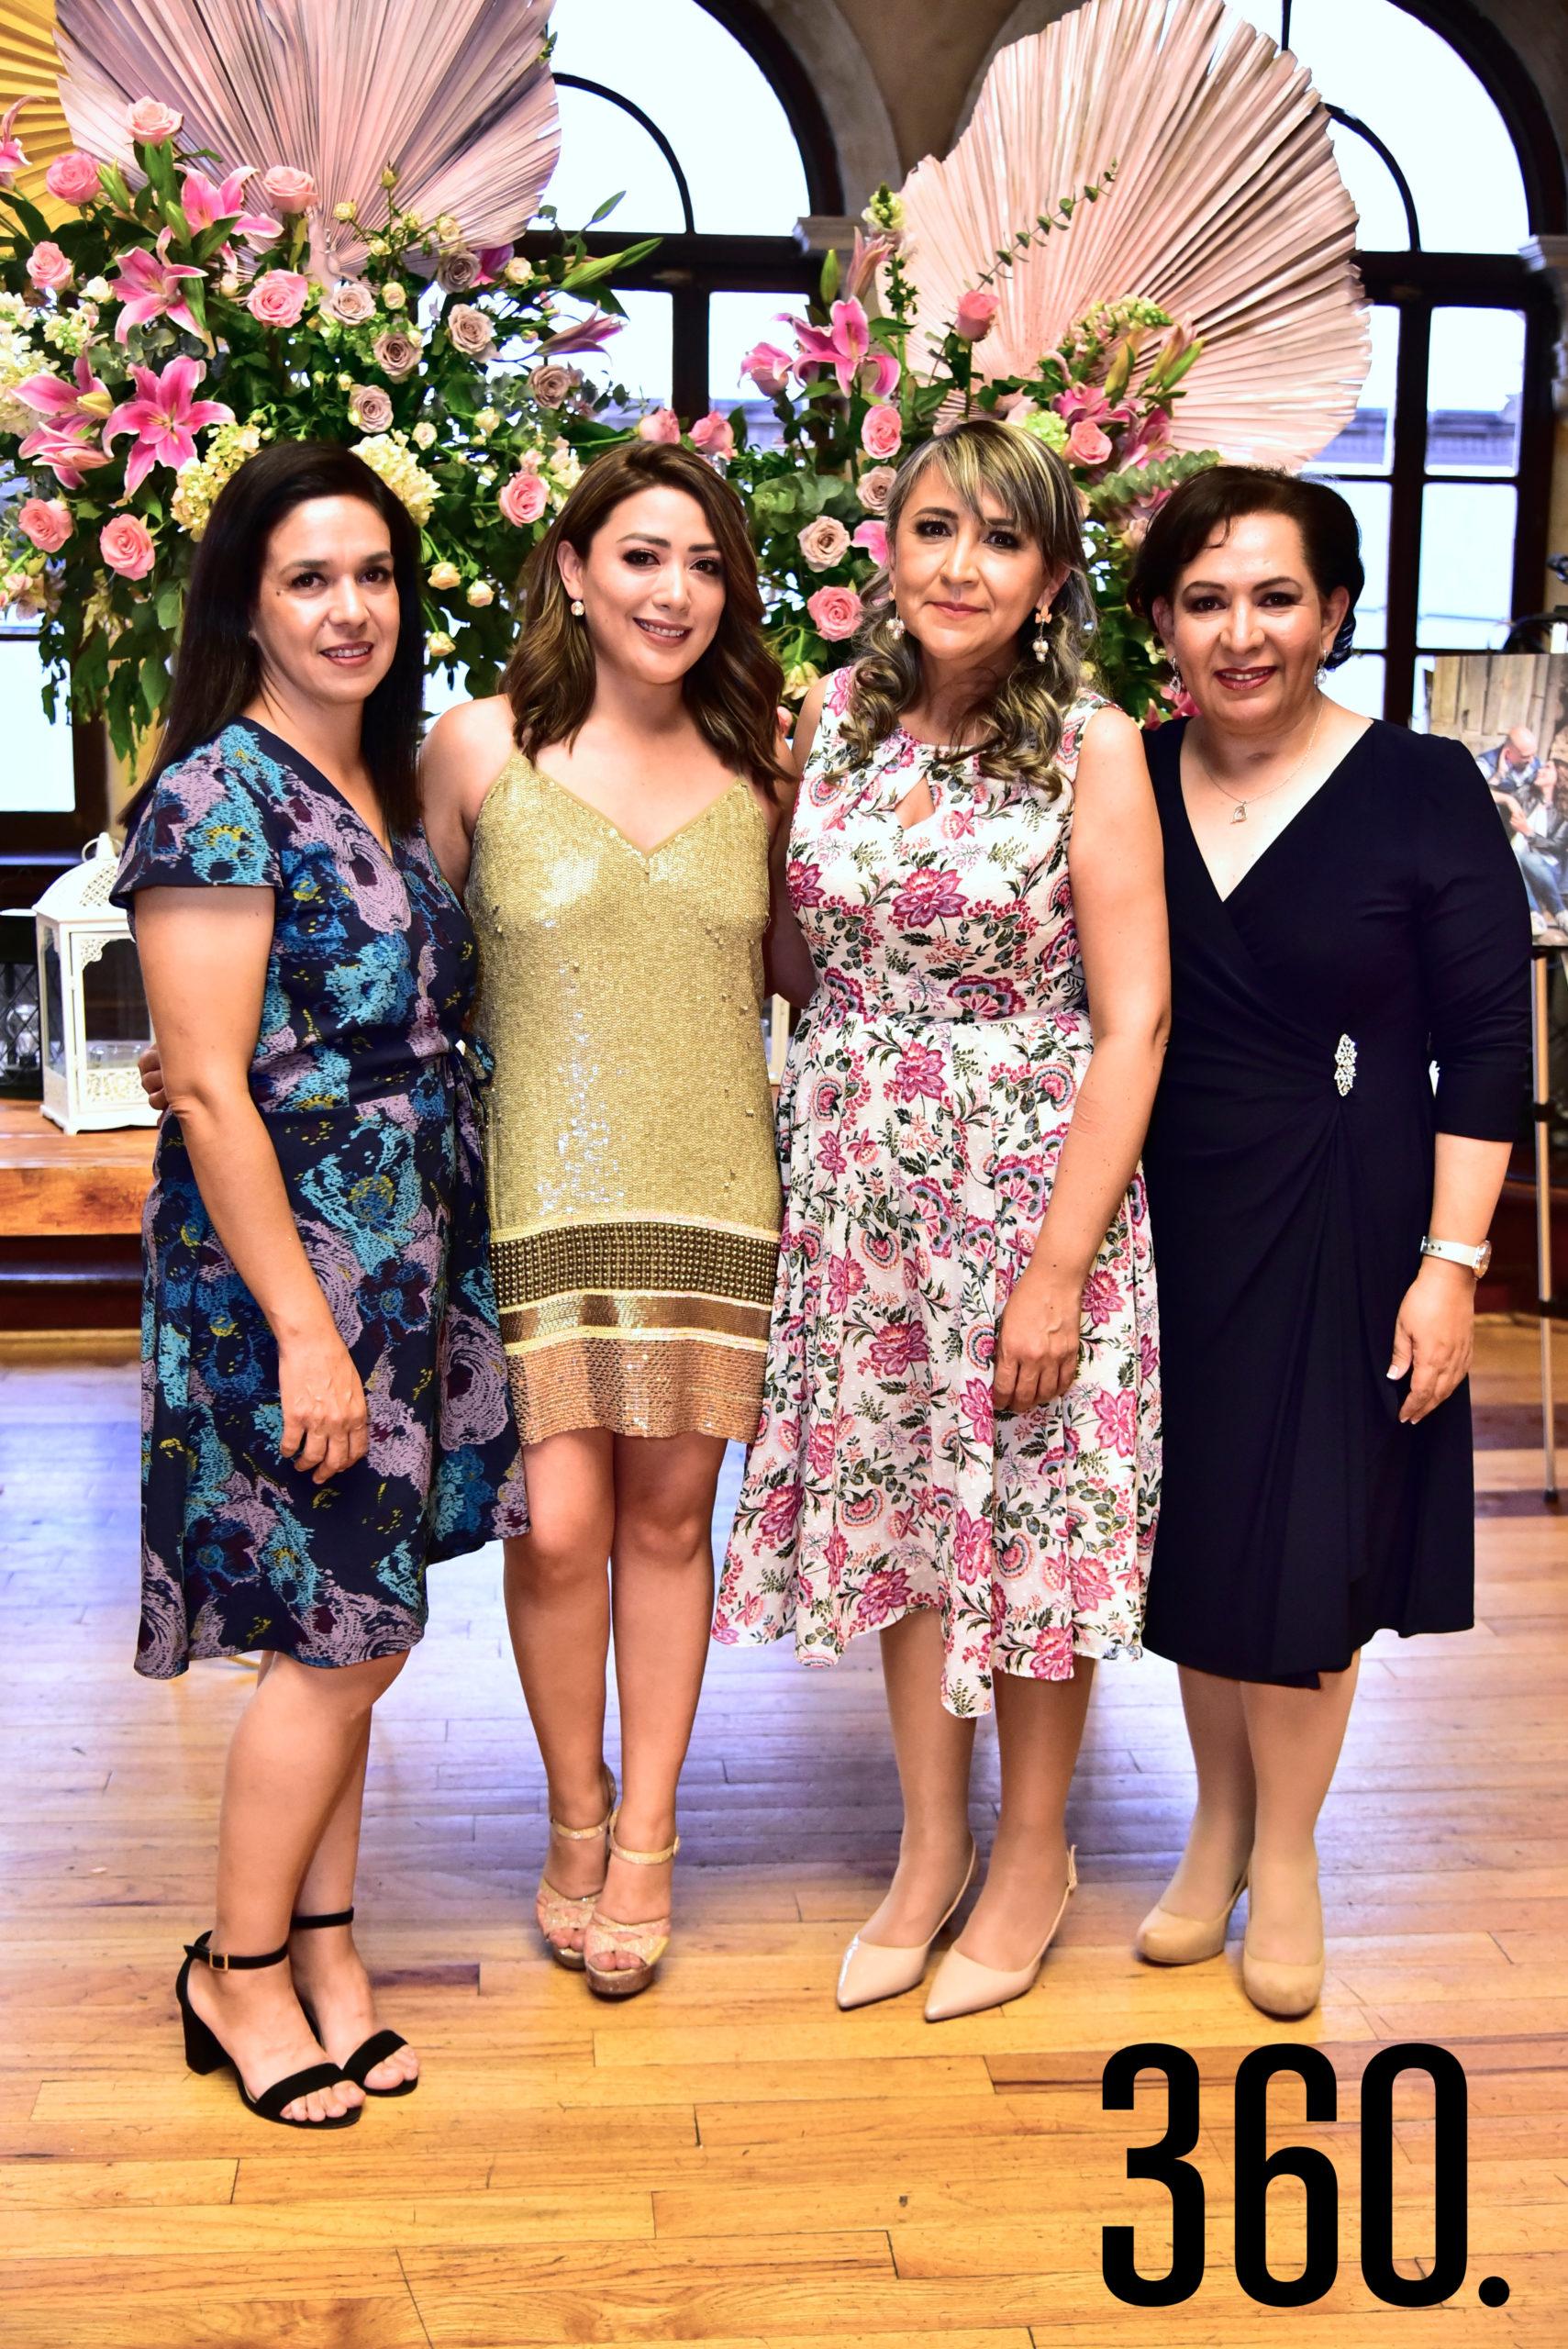 Gabriela Gutiérrez, Diana Mendoza, Adriana Ortiz y Lilia Gutiérrez.